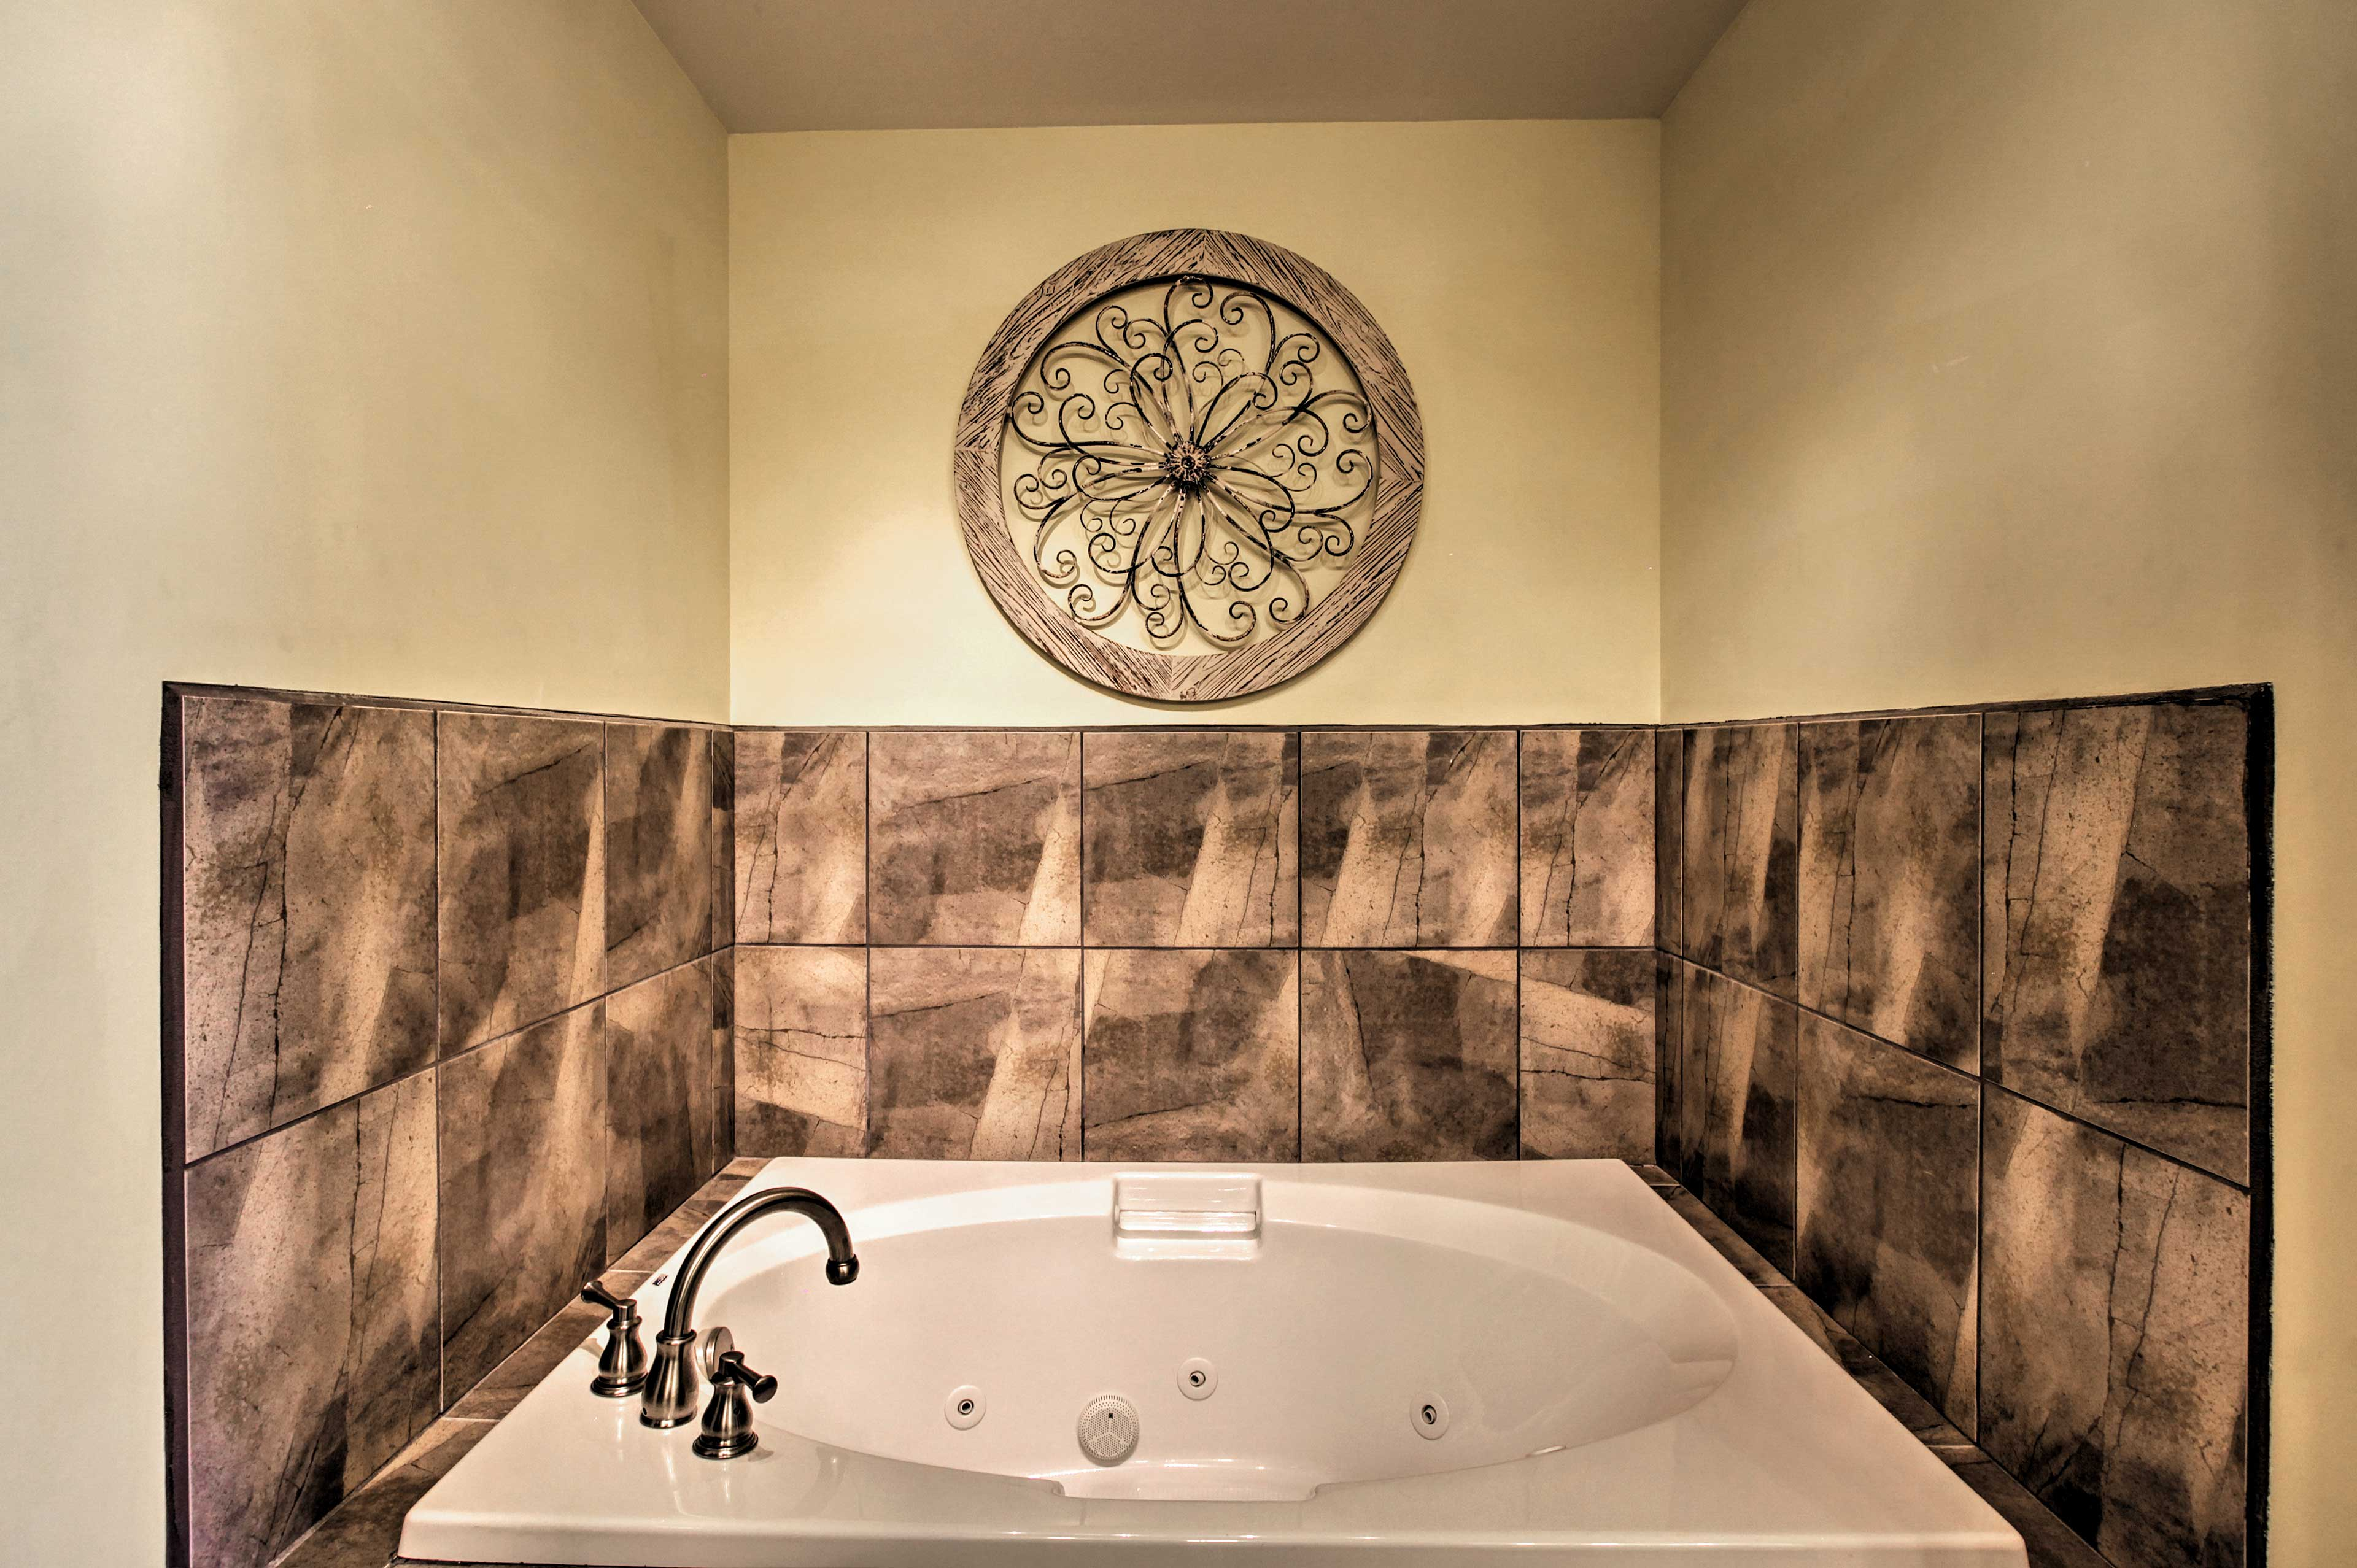 Full Bathroom | Jetted Tub